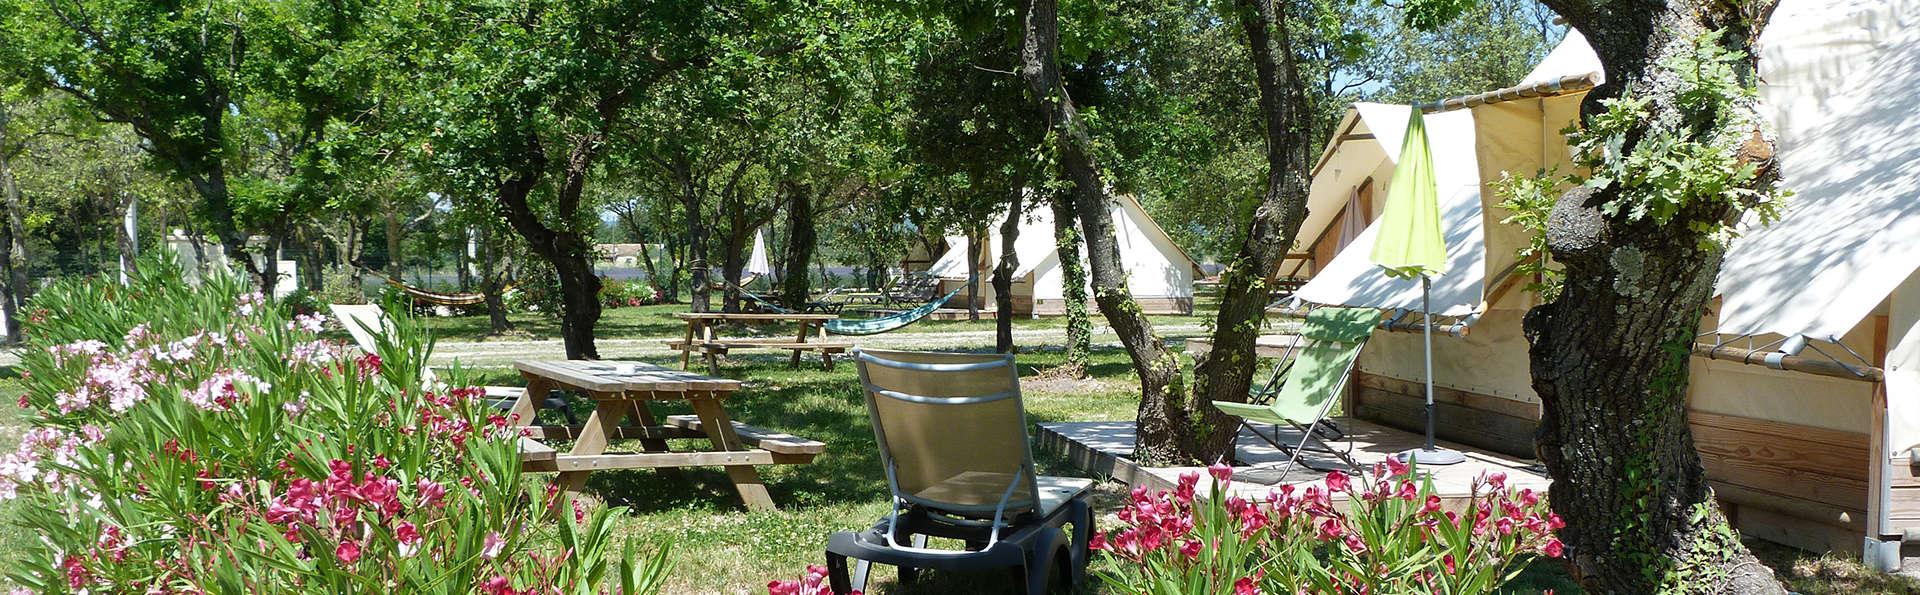 Lodges en Provence - edit_Vue_toiles_et_bois_2.jpg